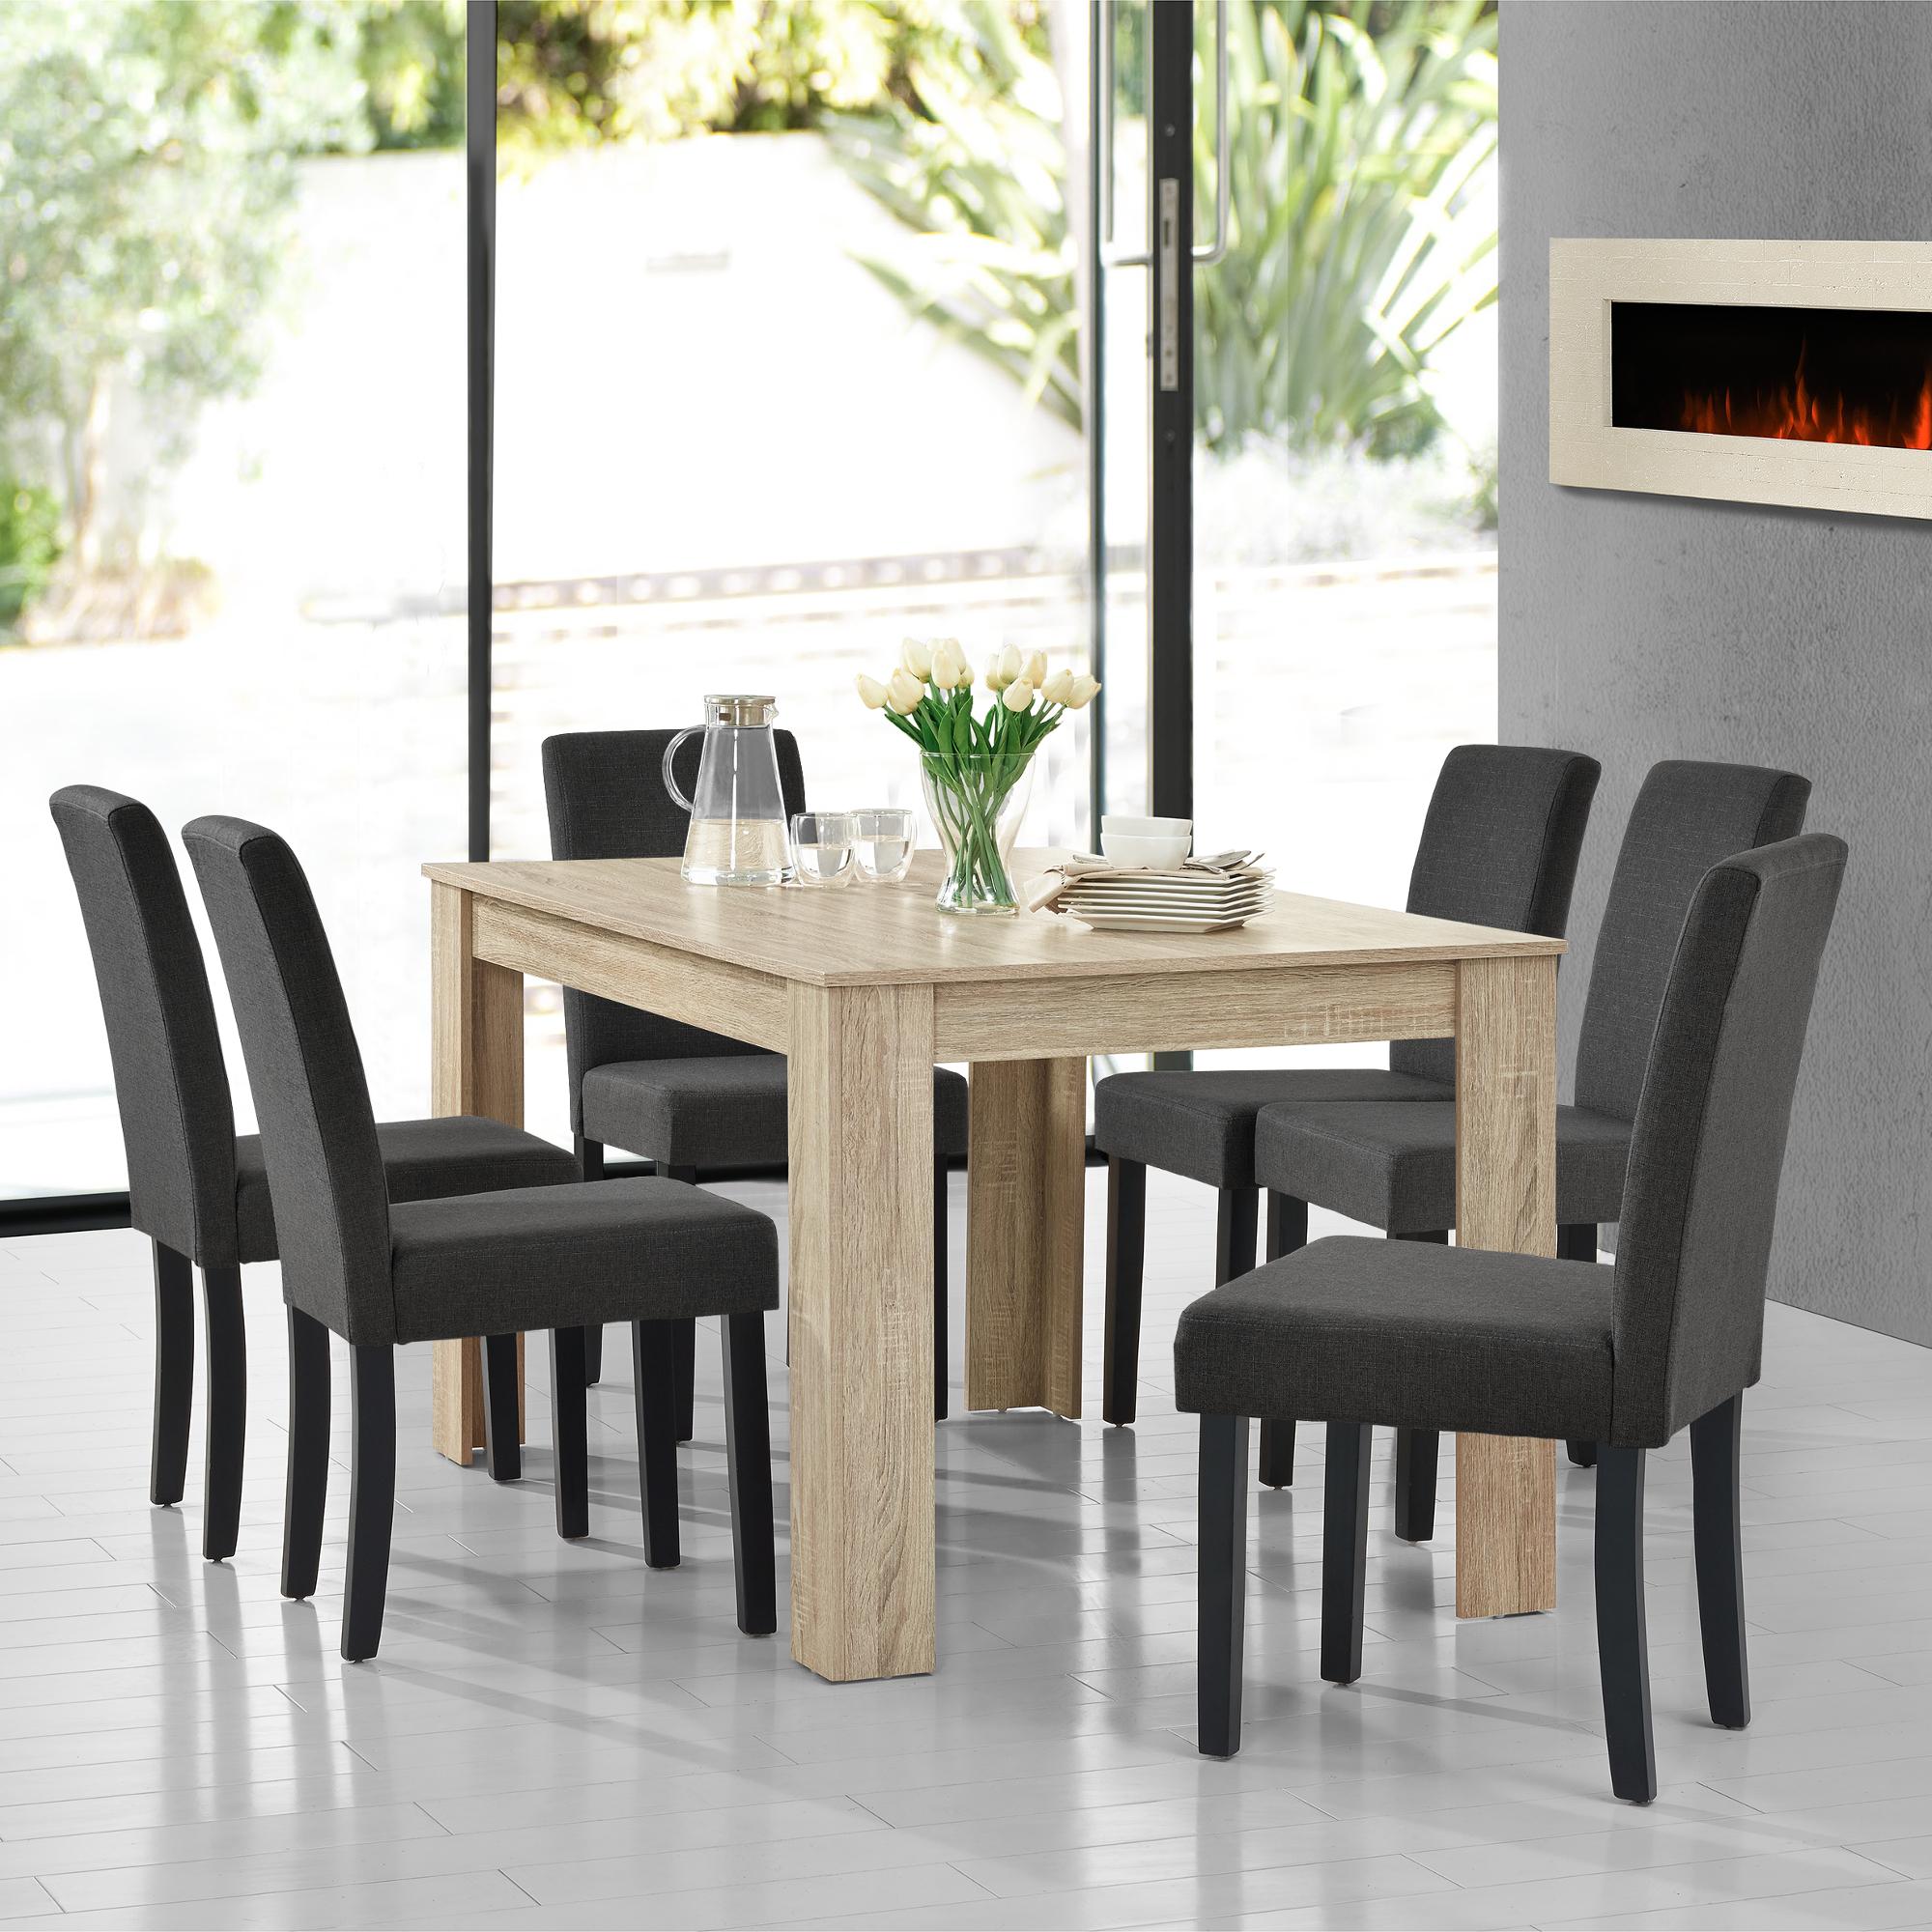 esstisch gek lkte eiche mit 6 st hlen grau textil 140x90 tisch st hle ebay. Black Bedroom Furniture Sets. Home Design Ideas